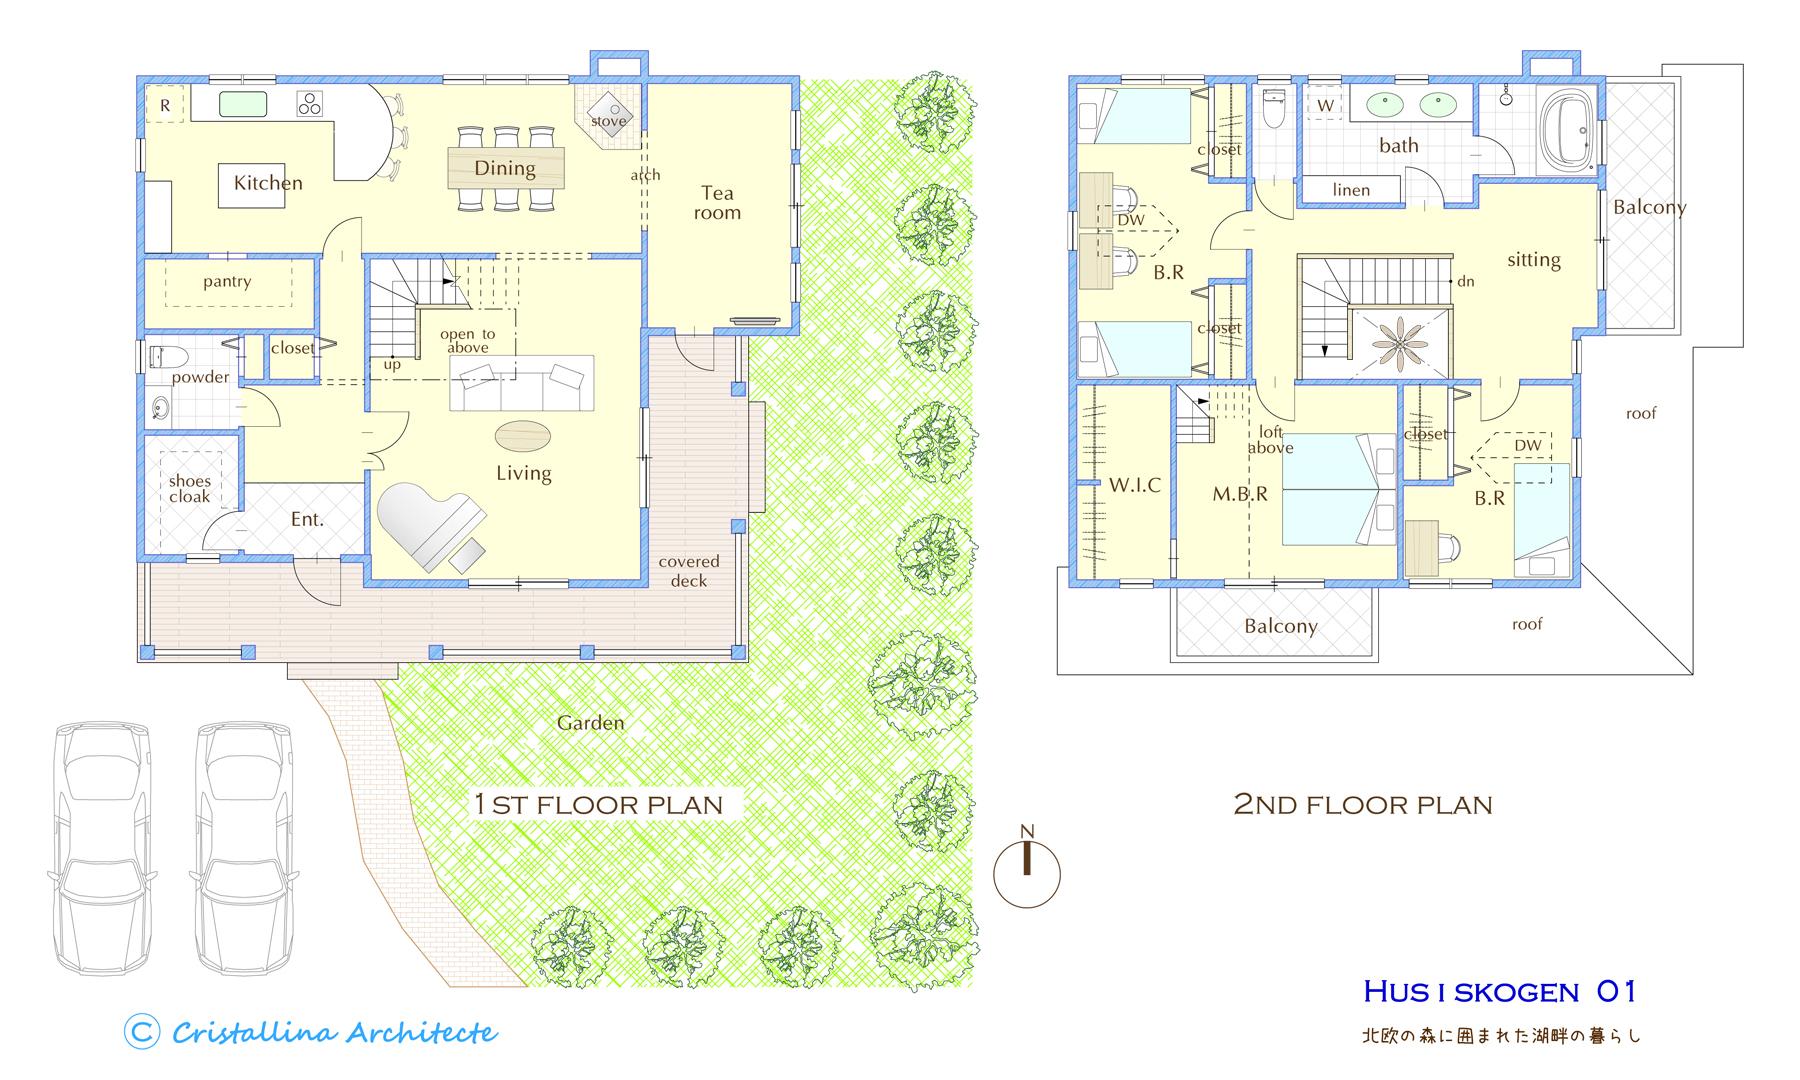 hus plan01